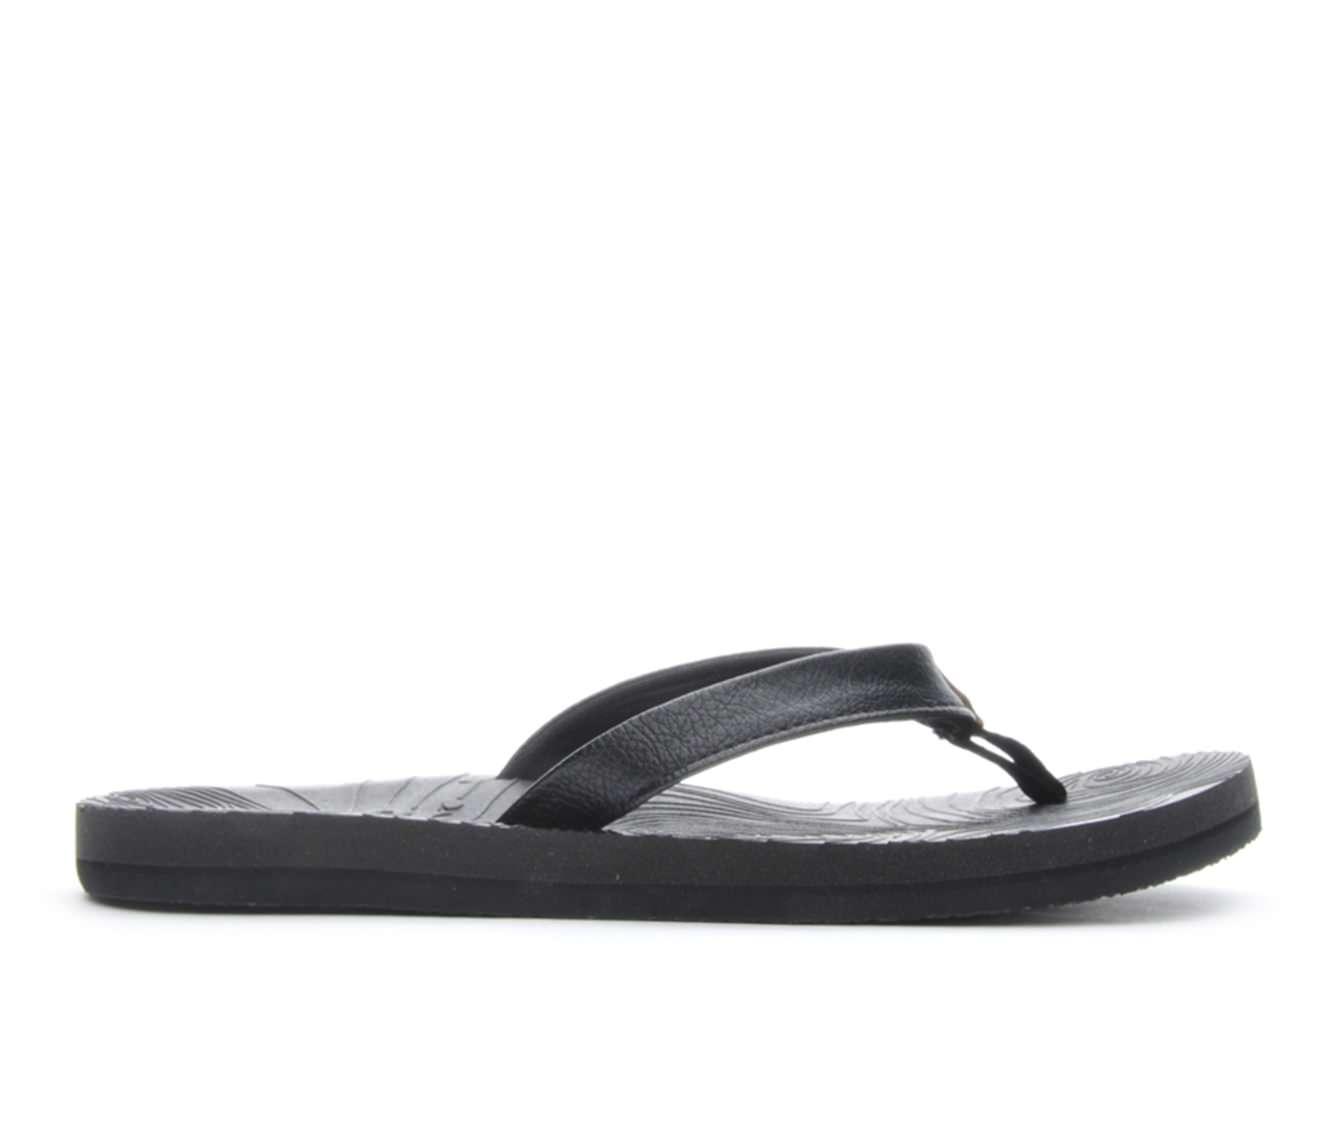 Women's Reef Zen Love Sandals (Black)